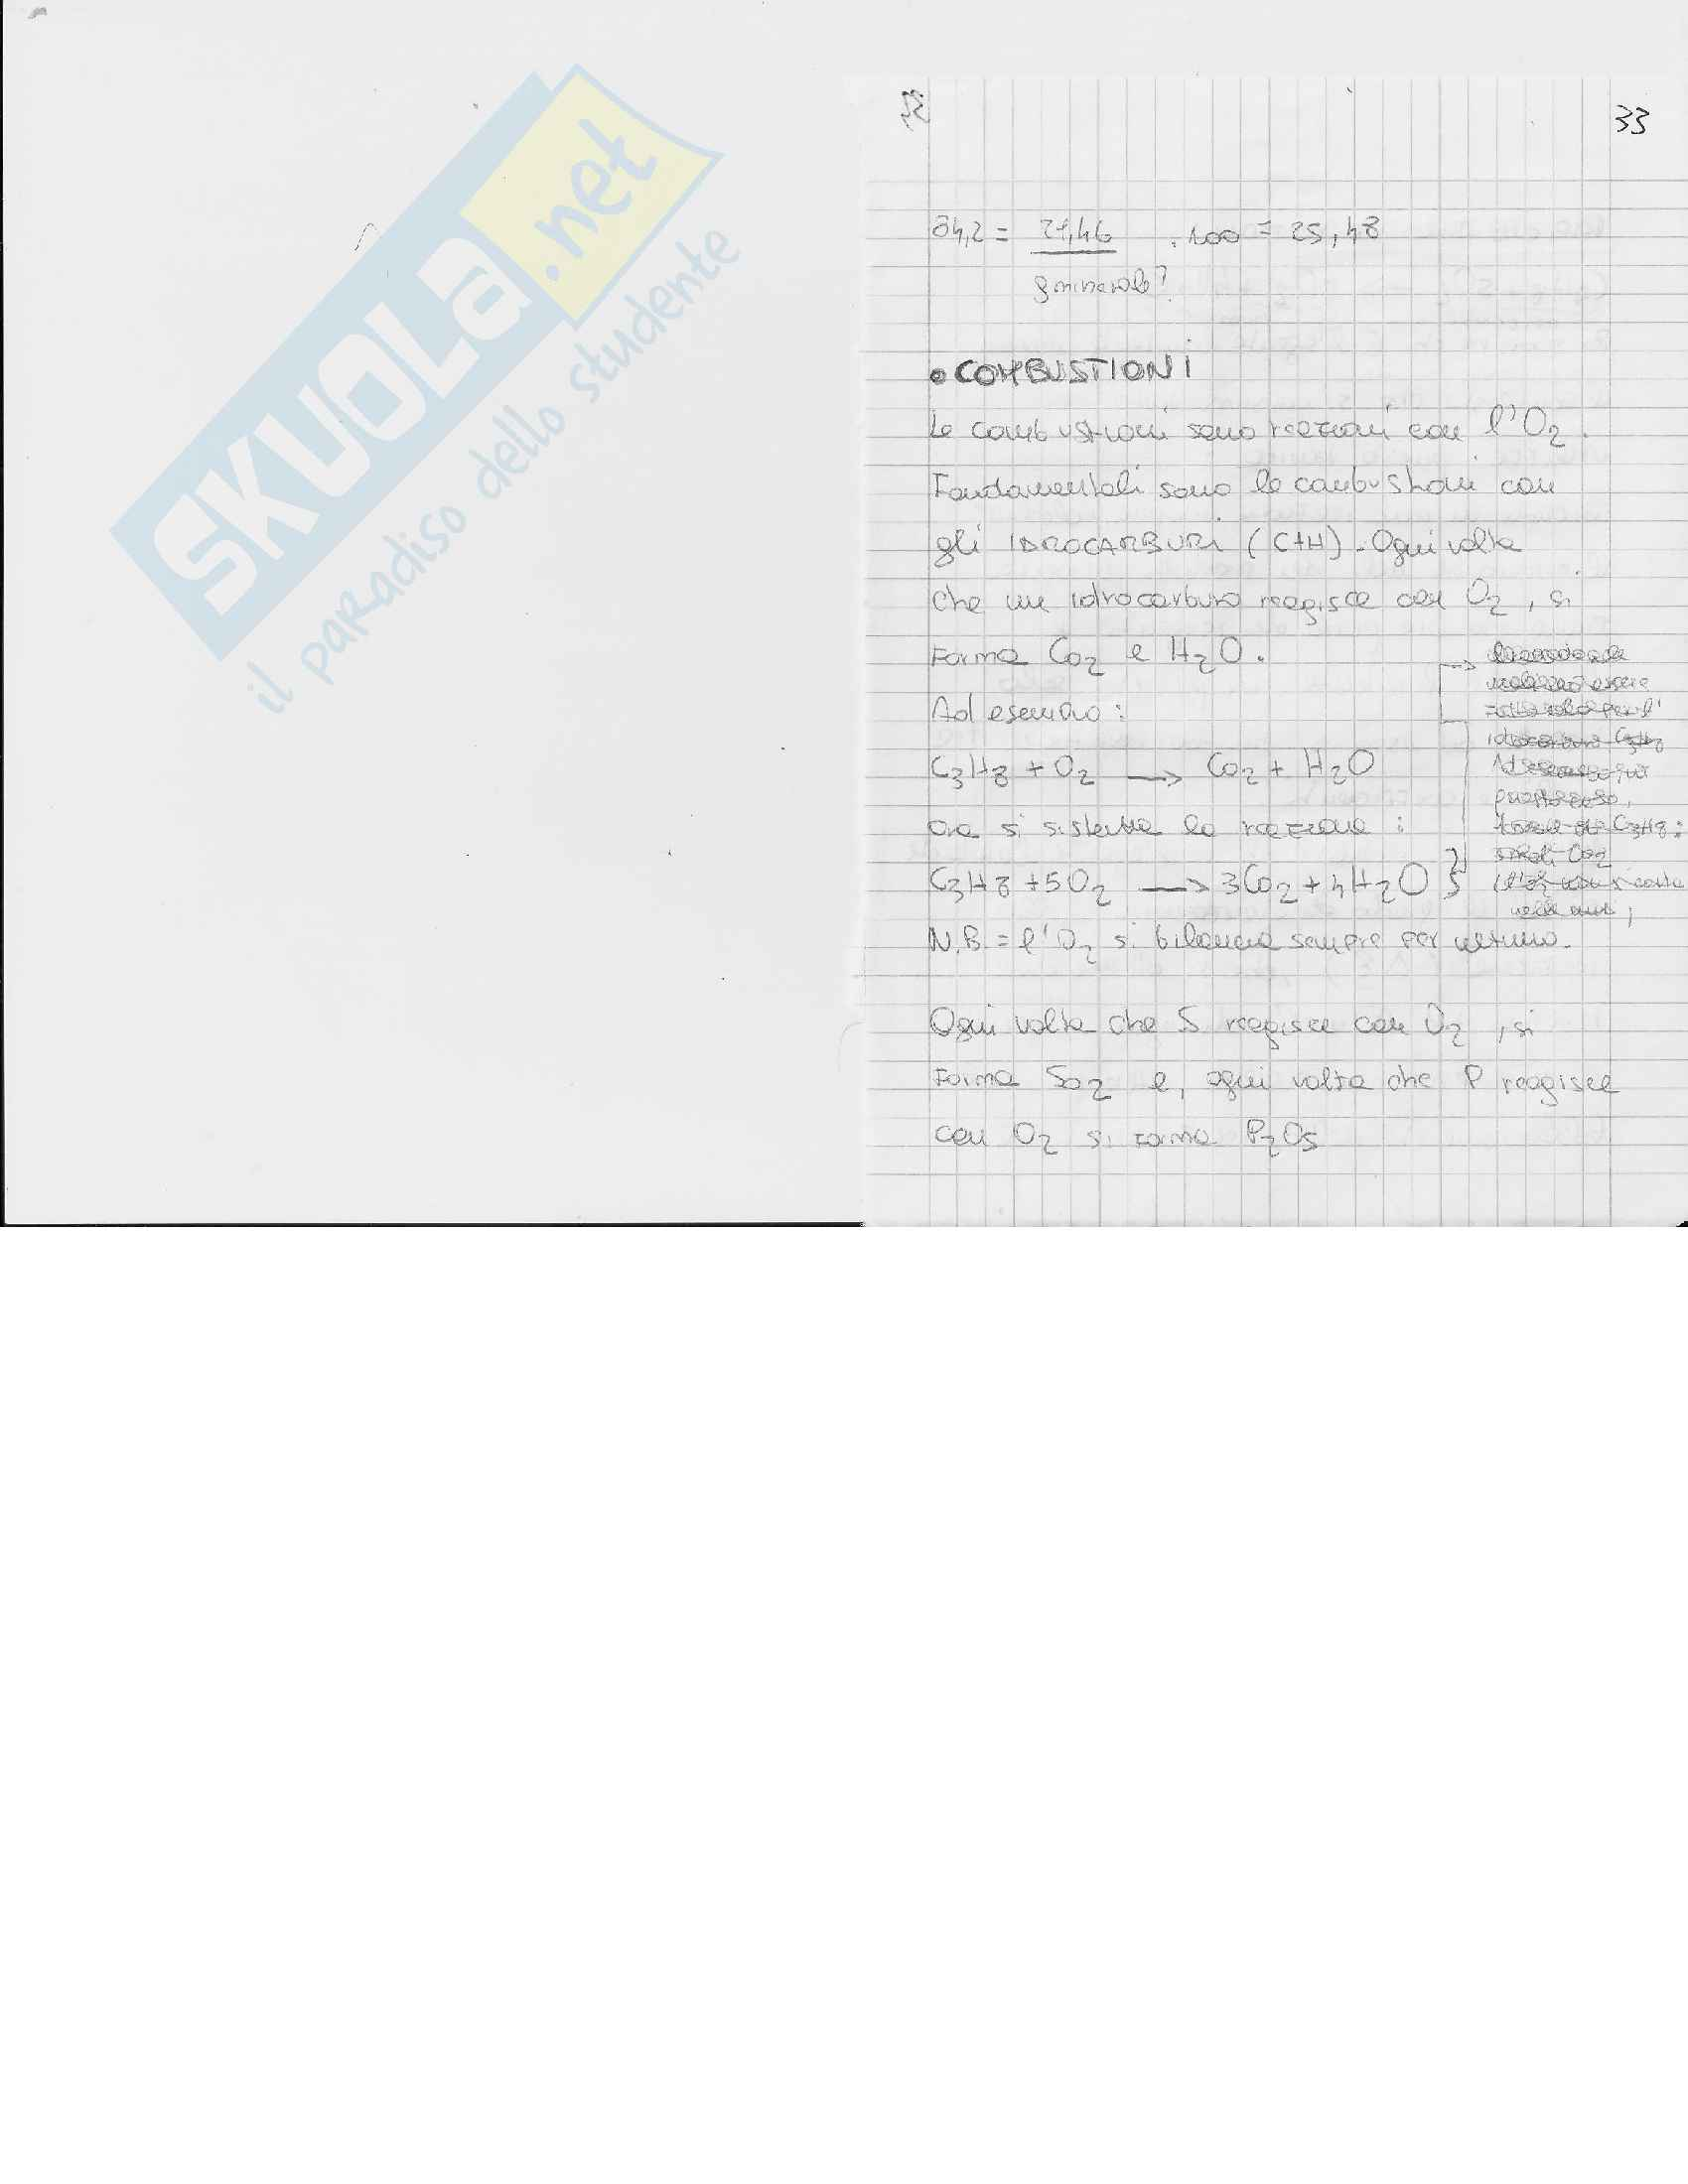 Riassunto esame chimica generale ed inorganica, docente Giacomello, libro consigliato Stechiometria, Cacace-Croatto parte 2 Pag. 11